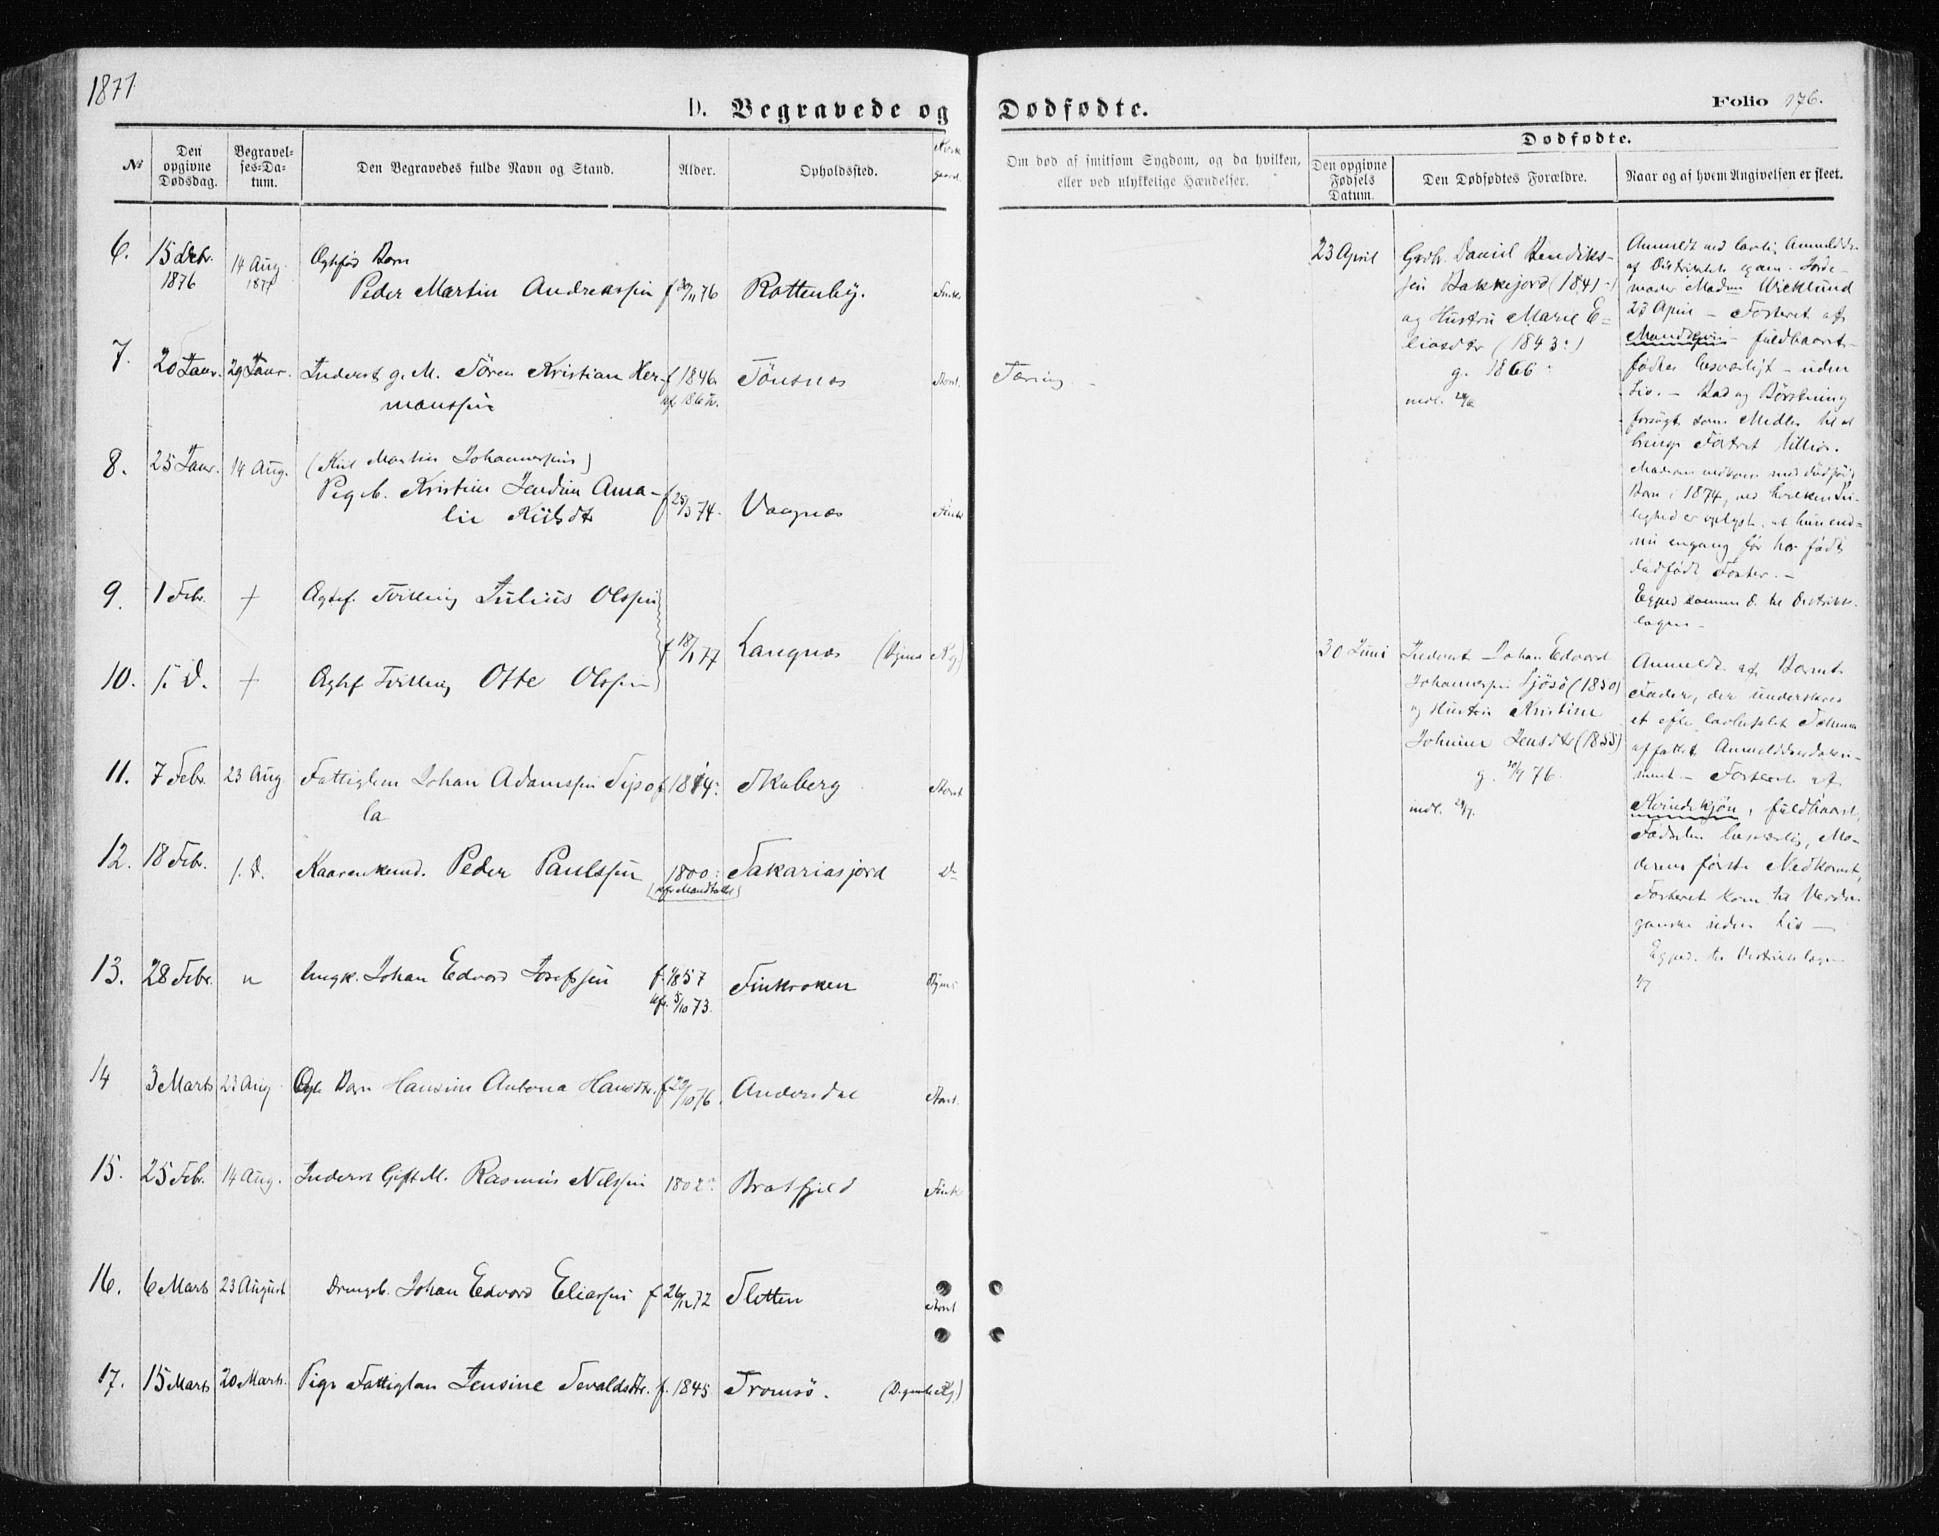 SATØ, Tromsøysund sokneprestkontor, G/Ga/L0003kirke: Ministerialbok nr. 3, 1875-1880, s. 176